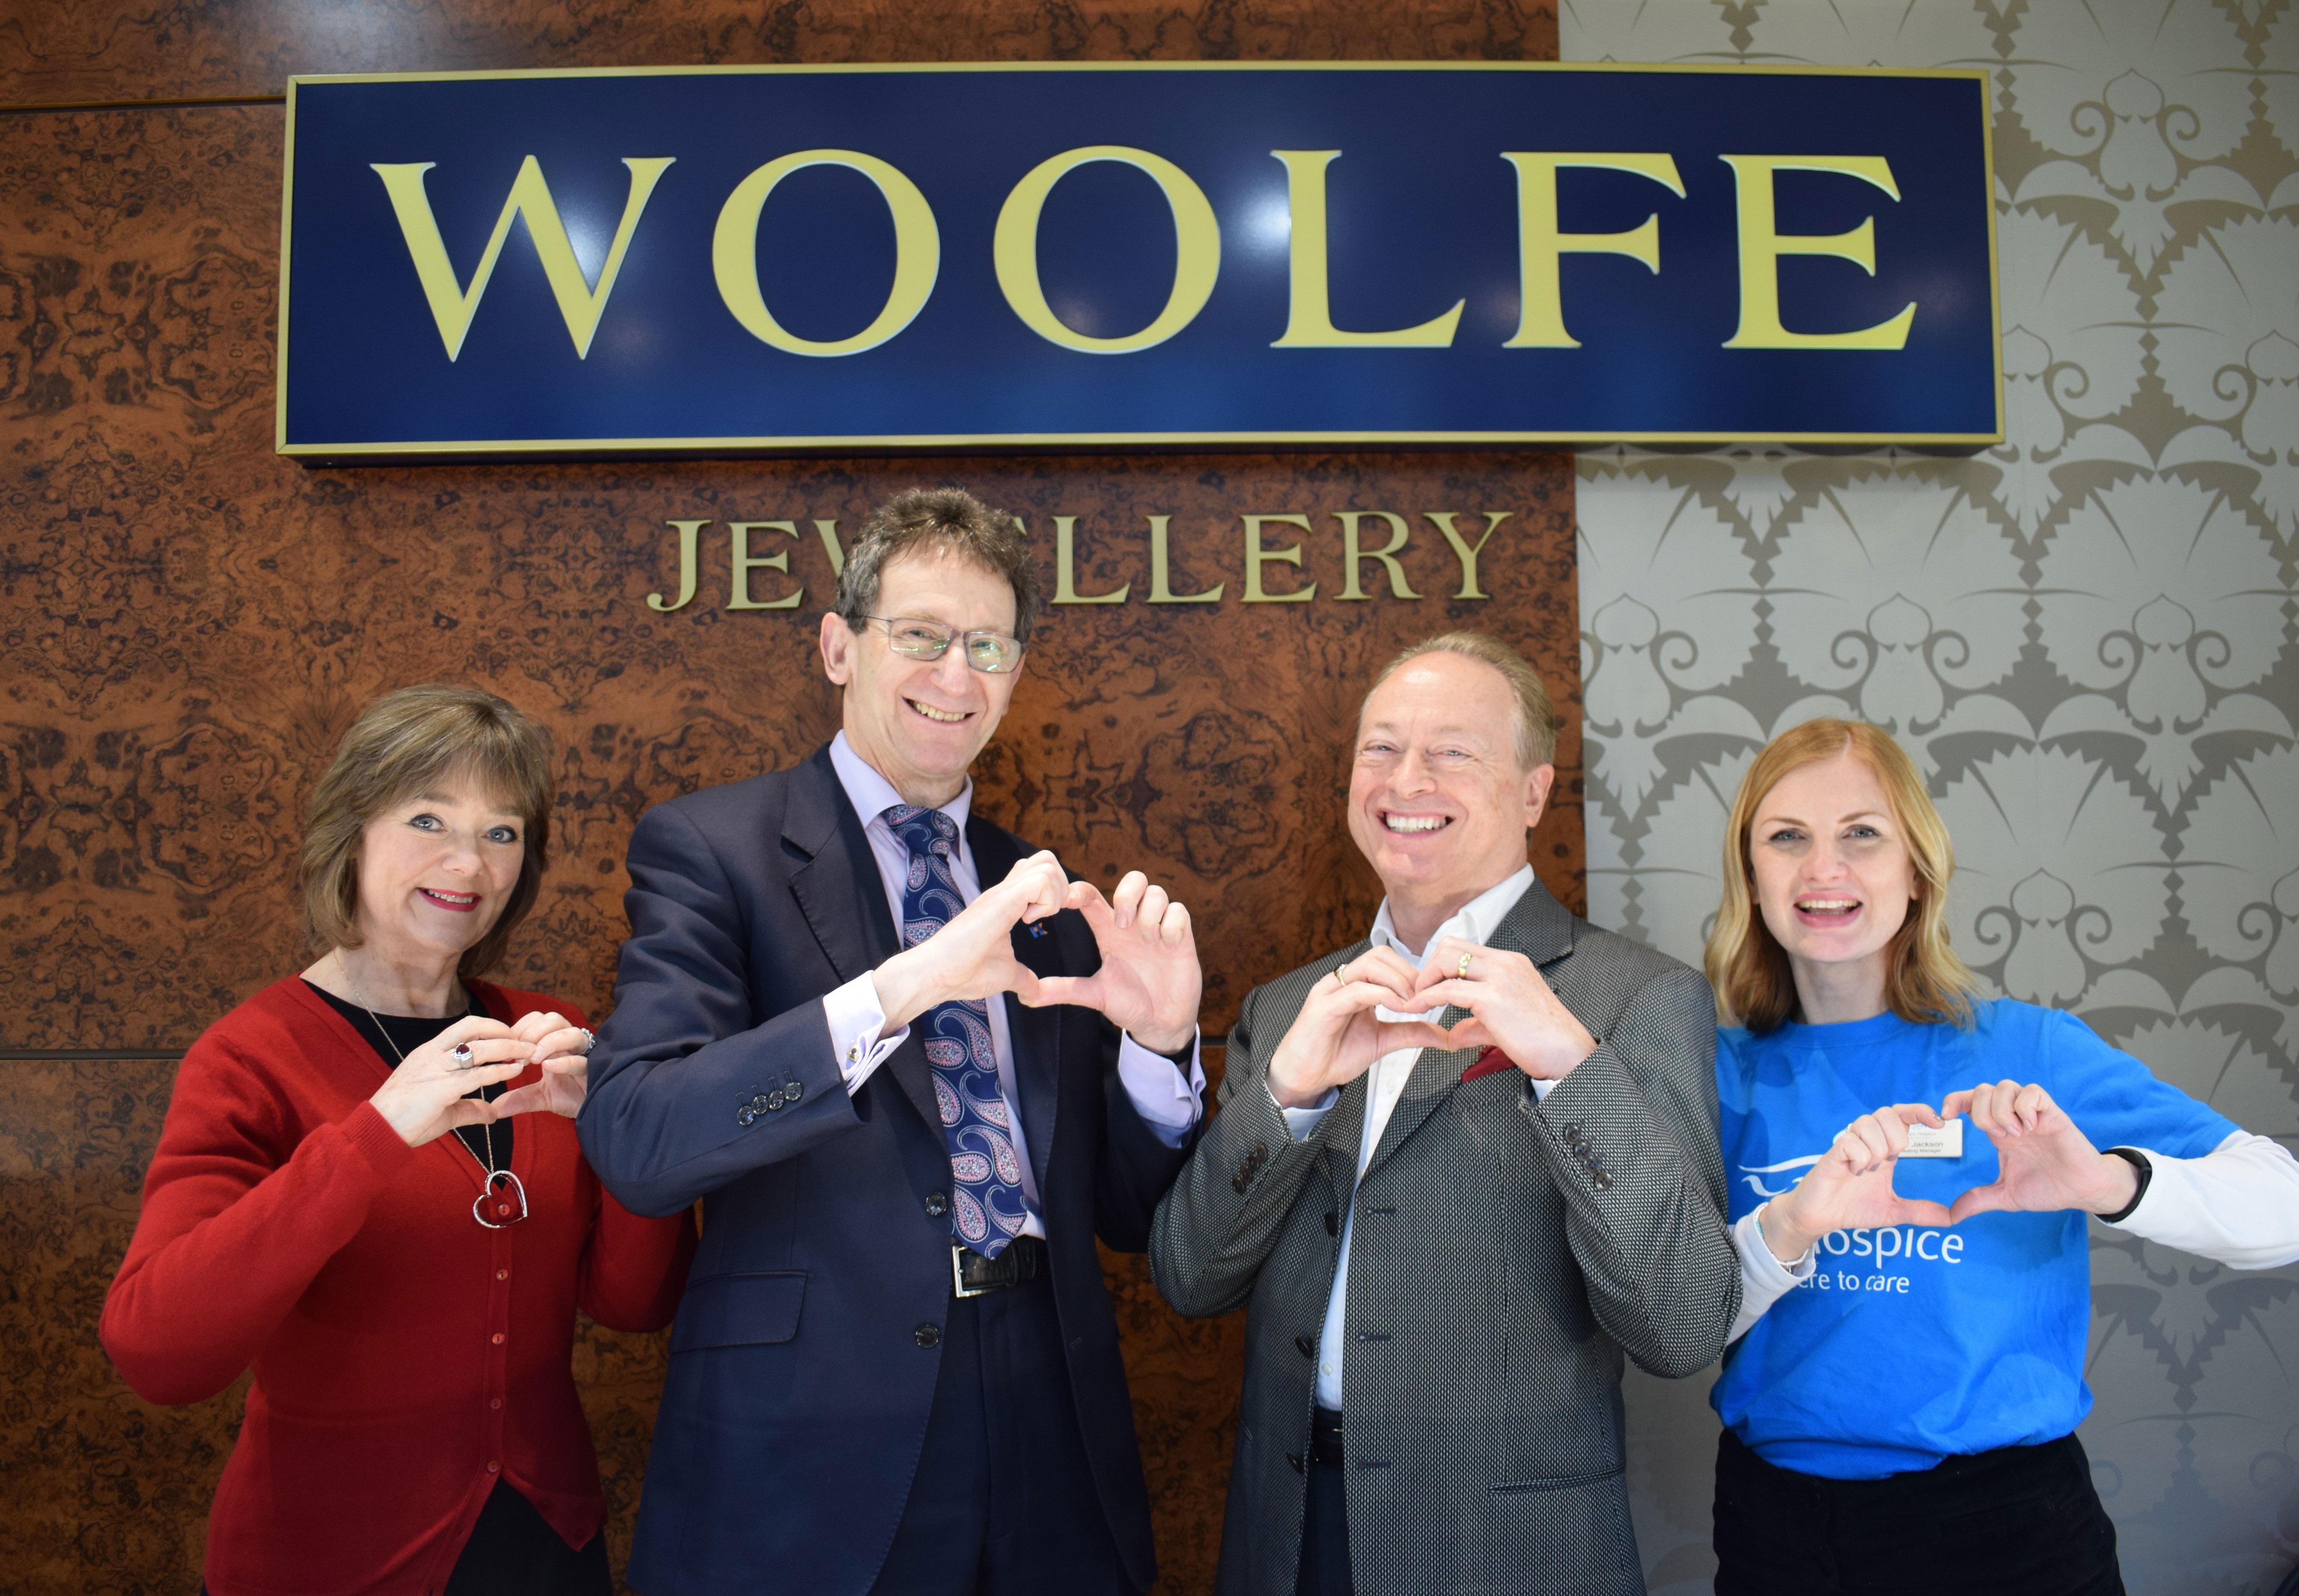 Woolfe Jewellery and DoodleDoo support Willen Hospice